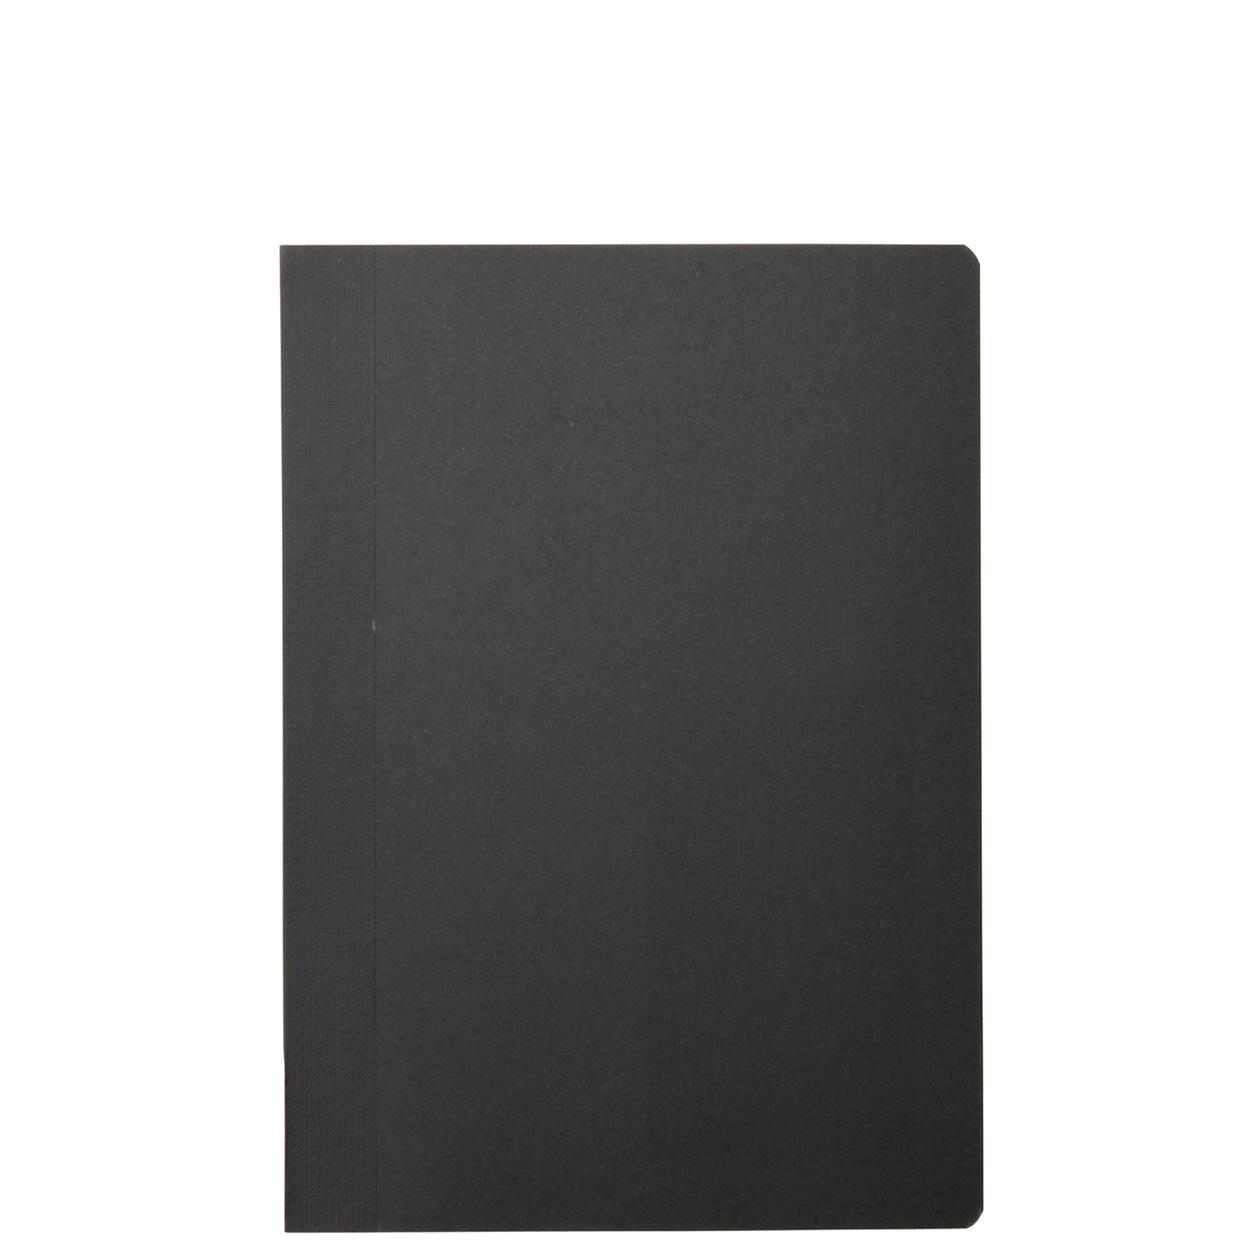 上質紙滑らかな書き味のノート